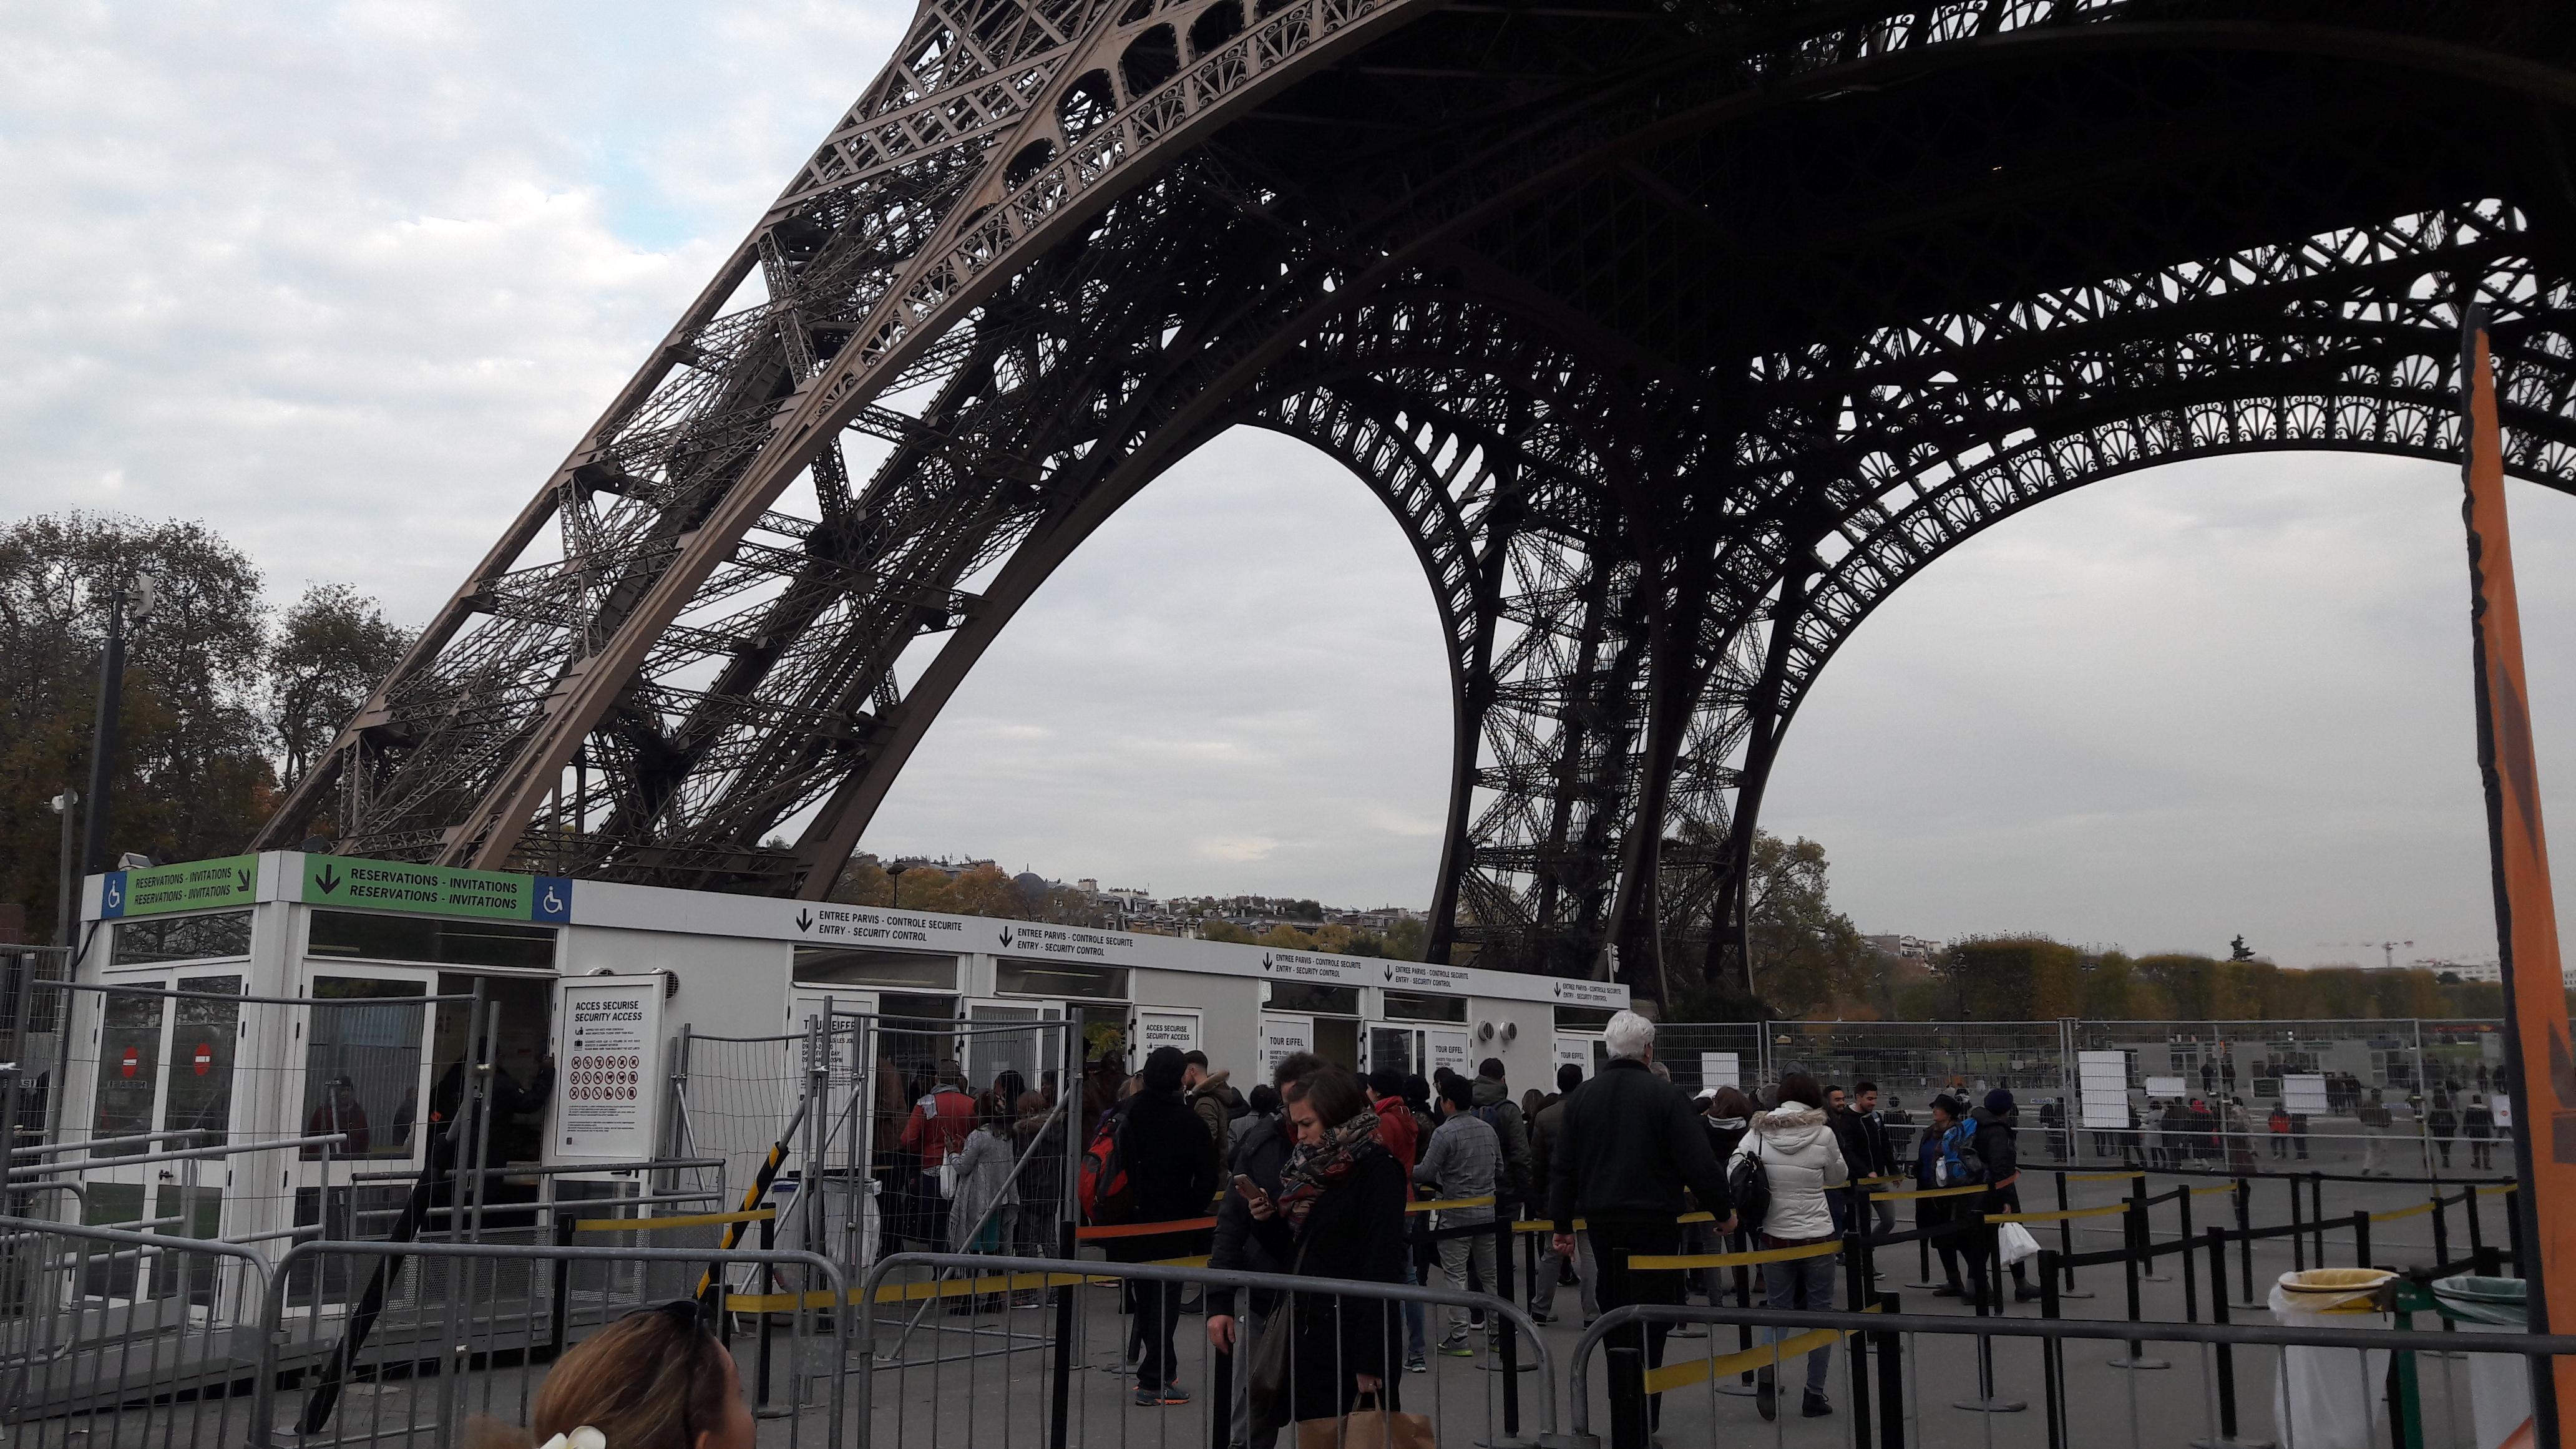 paris tour eiffel entr barriers nov17